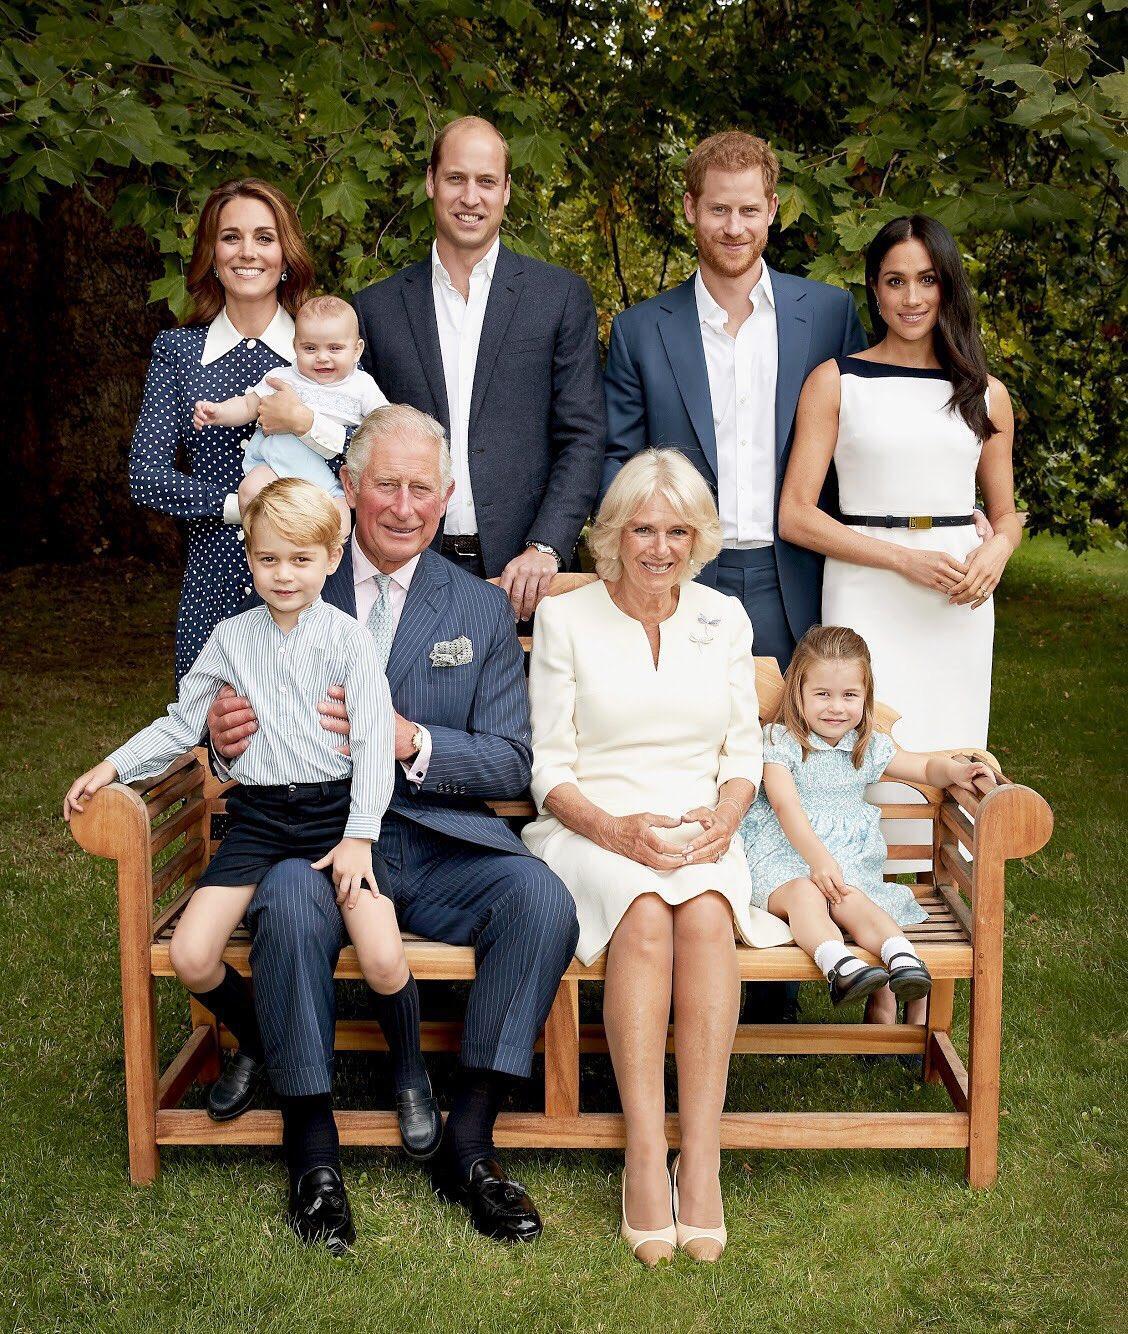 英王儲查理斯三代同堂合照 賀70大壽 喬治坐爺爺大髀開懷大笑 凱特抱路易好溫馨